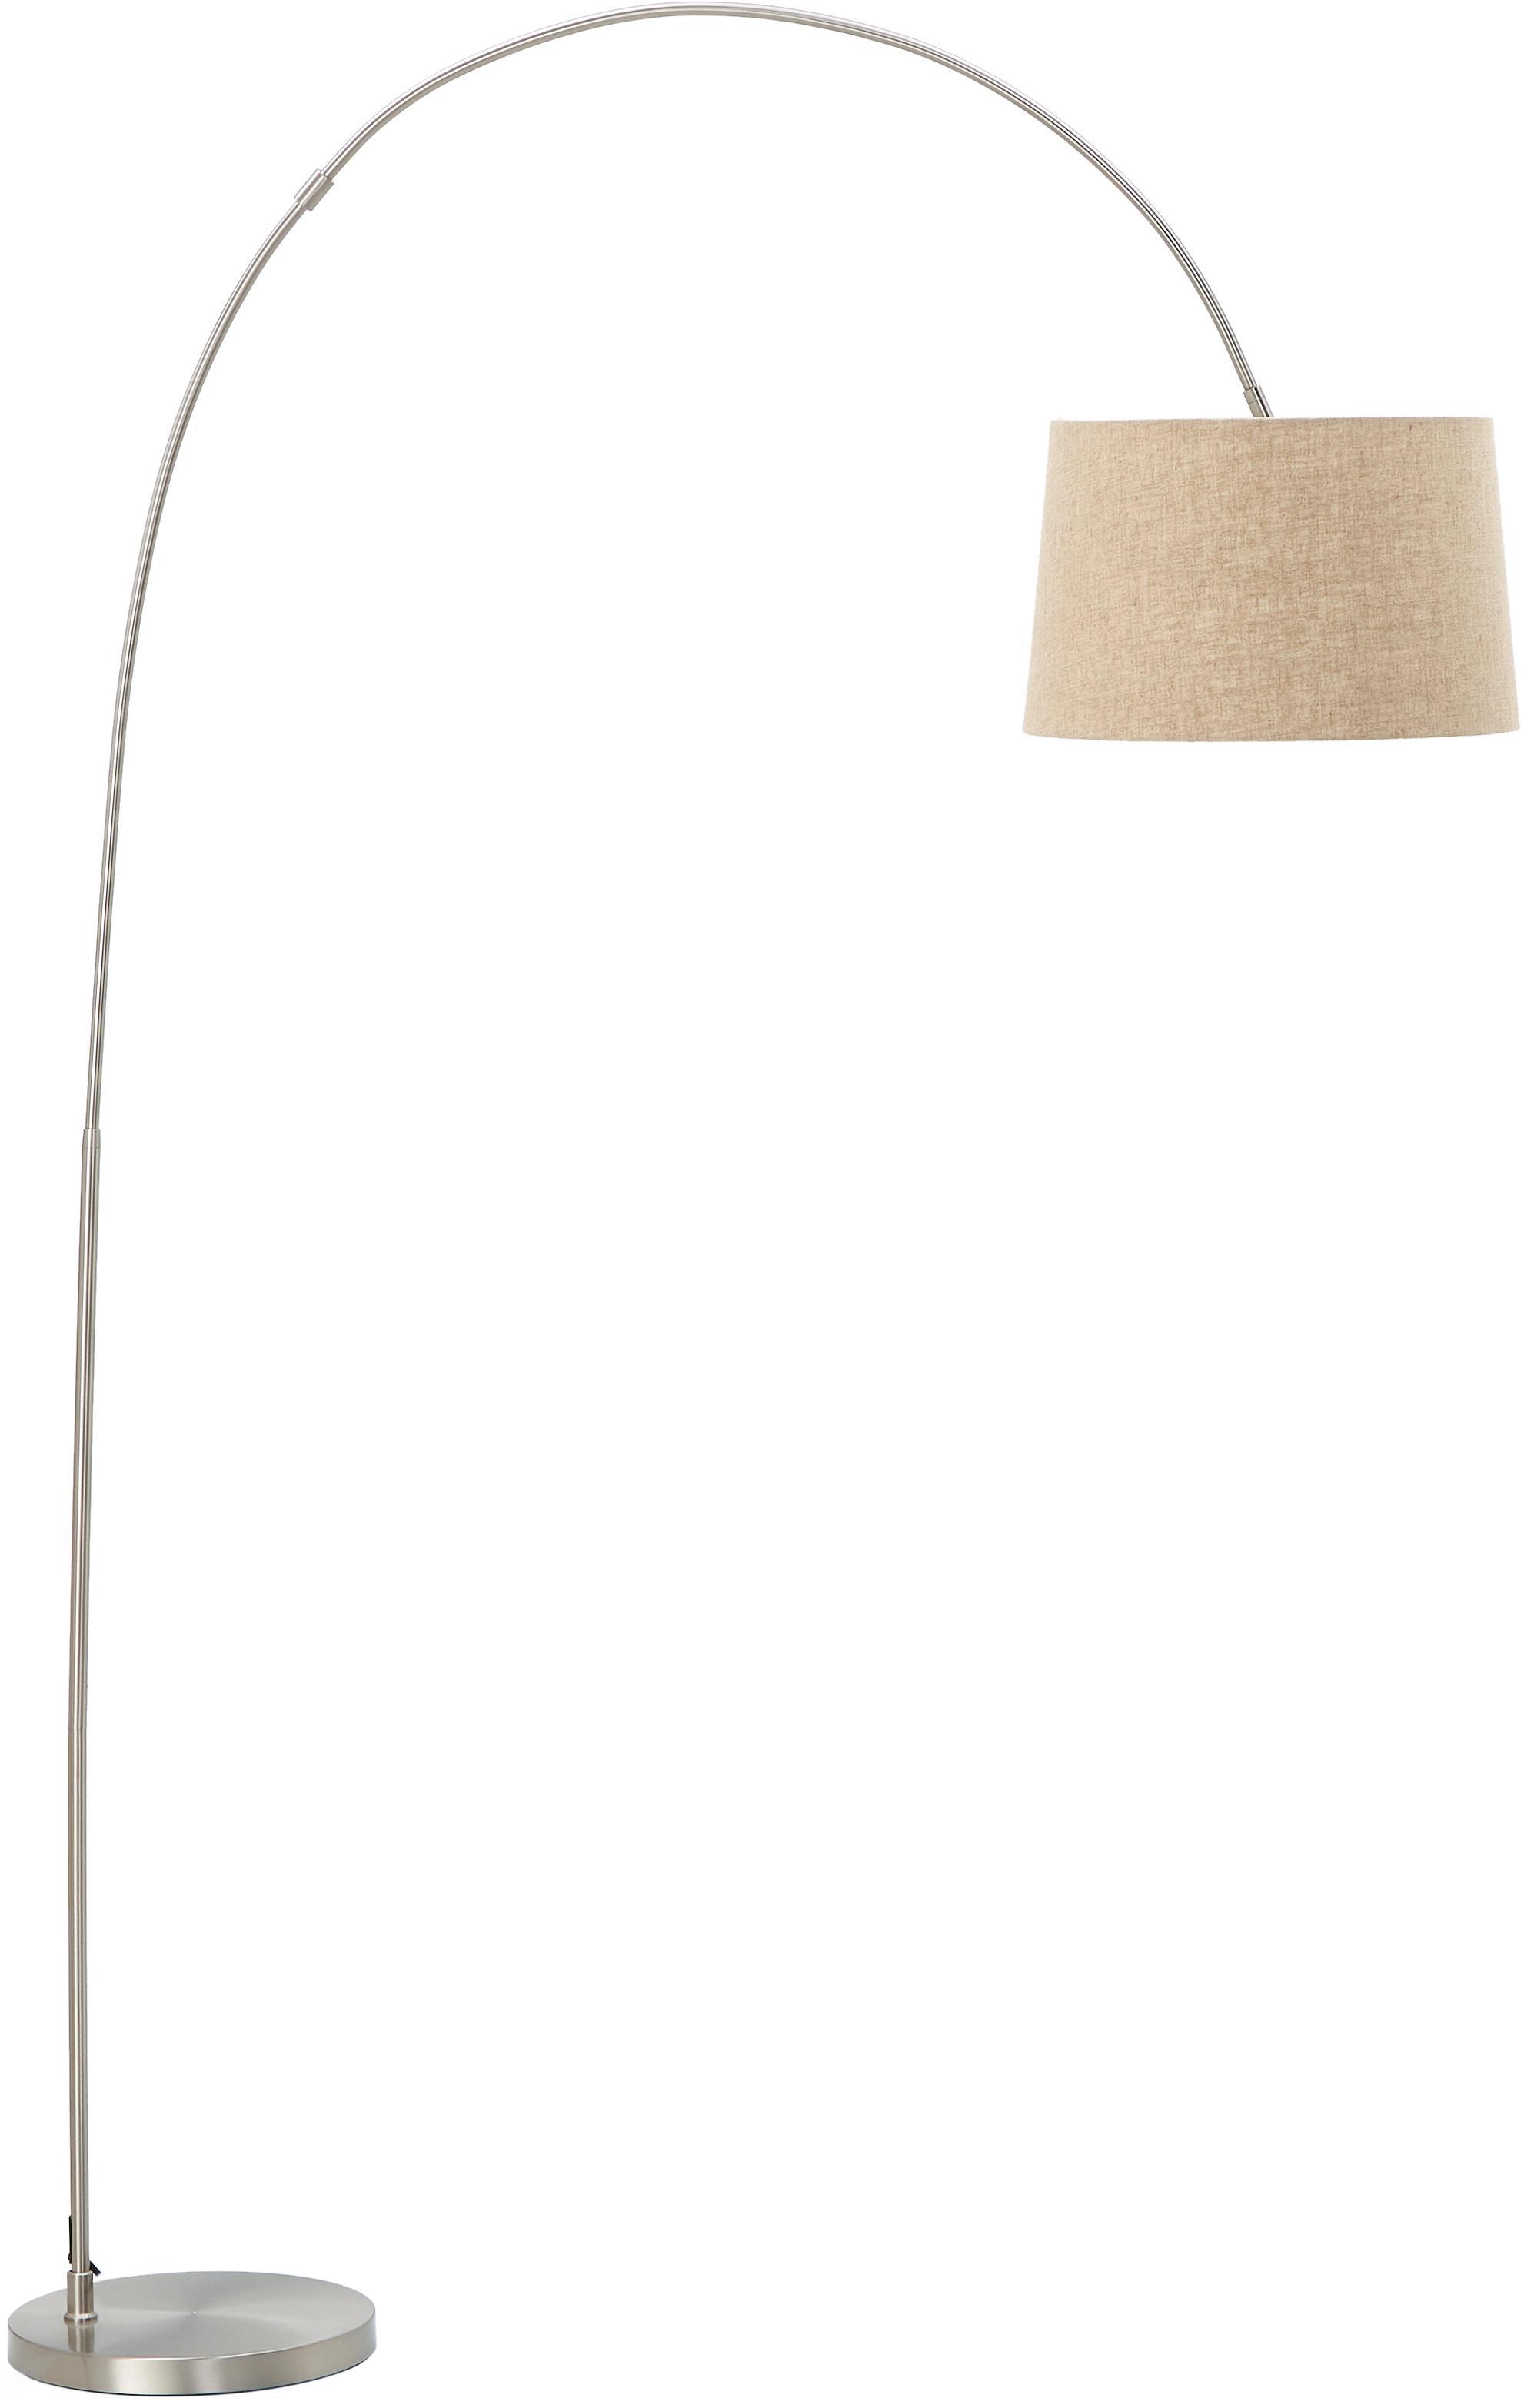 Bogenlampe Laurence, Lampenschirm: Baumwollgemisch, Lampenfuß: Metall, gebürstet, Beige,Silberfarben, ∅ 40 x H 188 cm